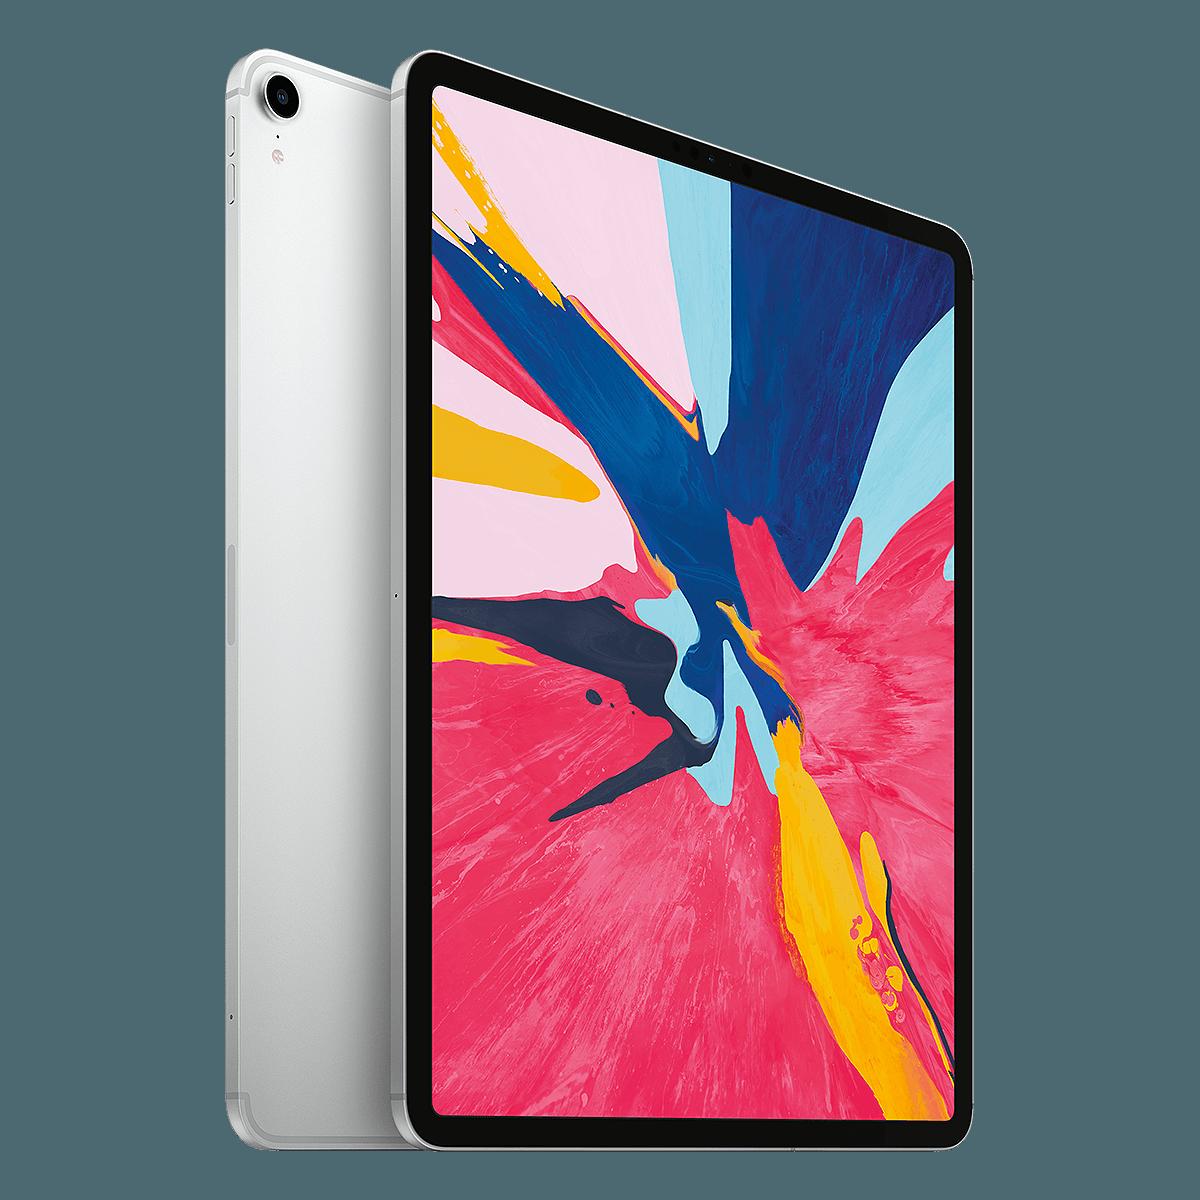 kisspng-ipad-pro-12-9-inch-2nd-generation-apple-ipad-p-12-9-inch-ipad-pro-wi-fi-cellular-512gb-silver-5c4835a62183f1.6405588515482361981373